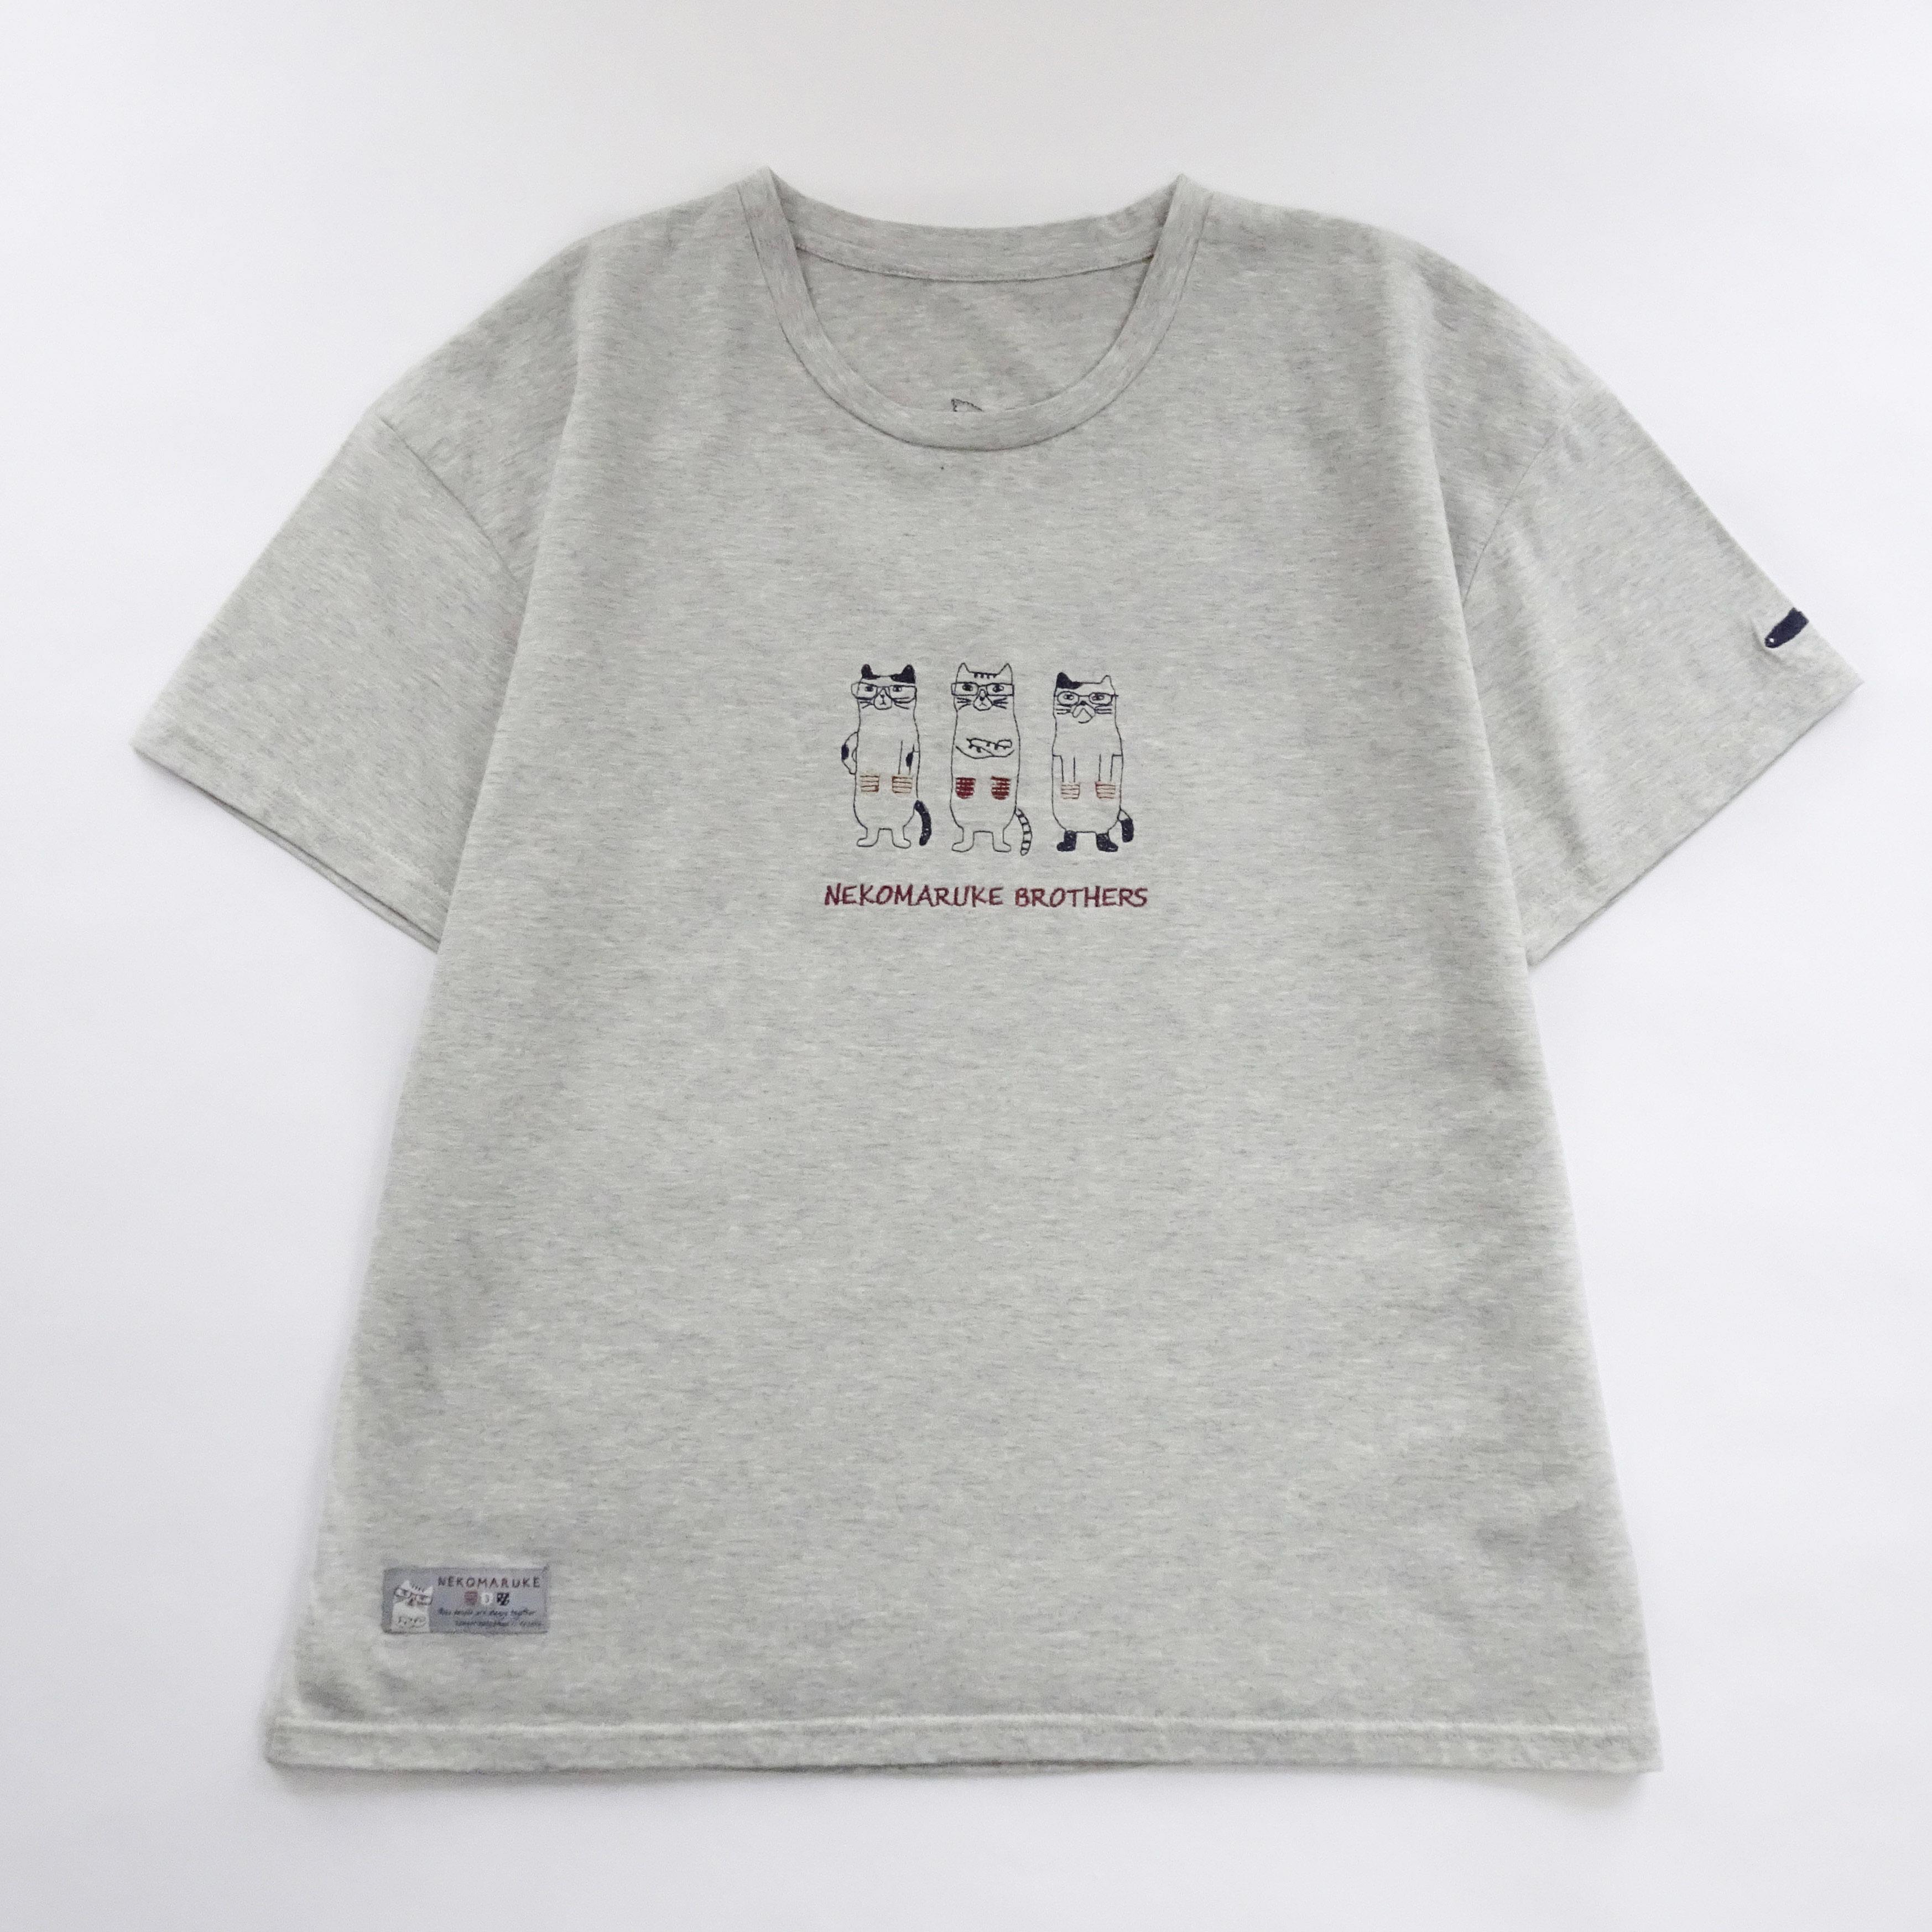 Tシャツ 「ネコまるけブラザーズ グレー」